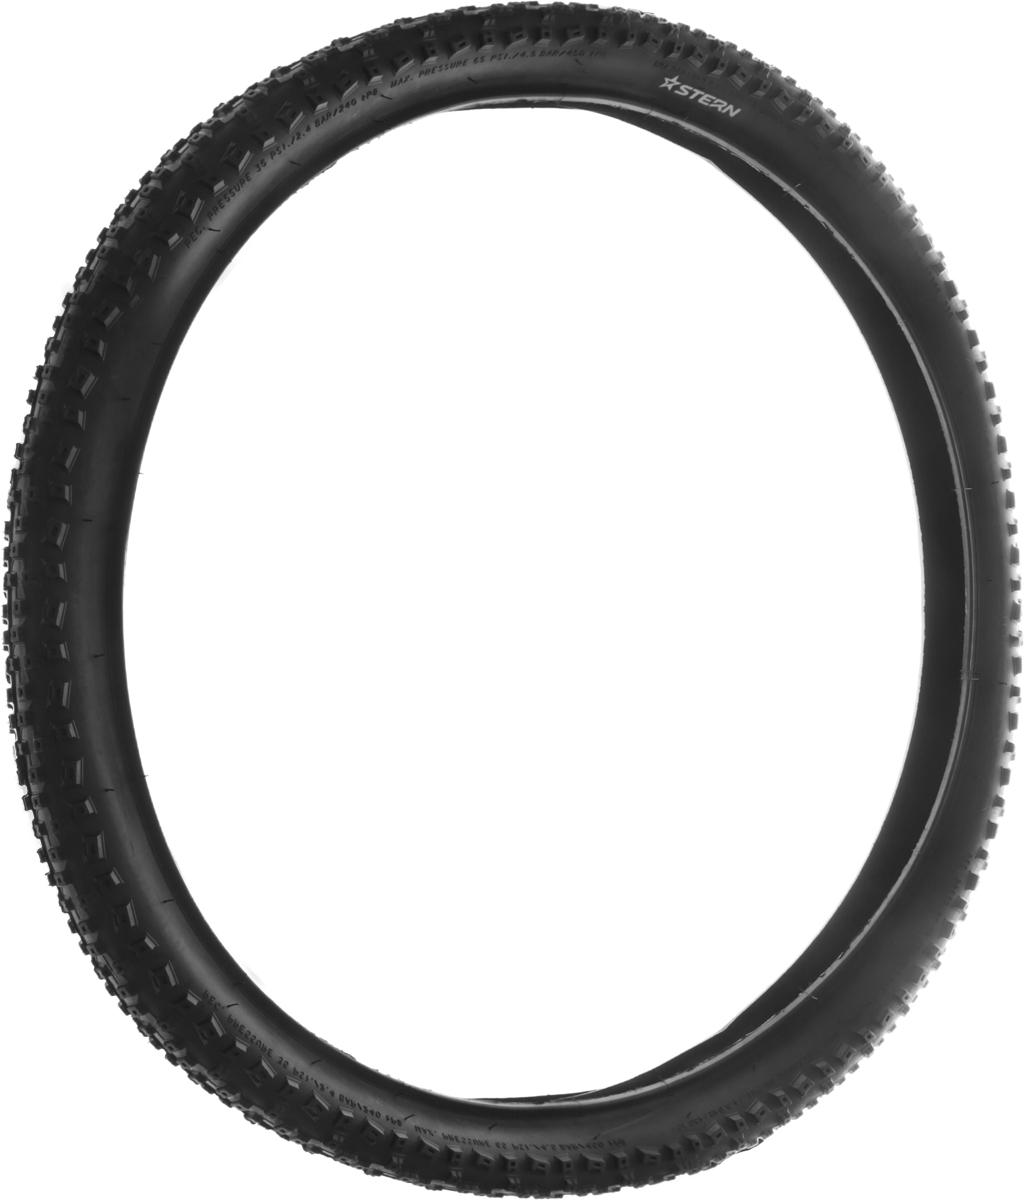 """Покрышка """"Stern"""" подойдет для взрослых велосипедов с диаметром колеса 26 дюймов. Изделие выполнено из резины и имеет оригинальный рисунок протектора, который позволяет использовать покрышки как в городе, так и на загородных участках. Ширина покрышки: 2,1""""."""